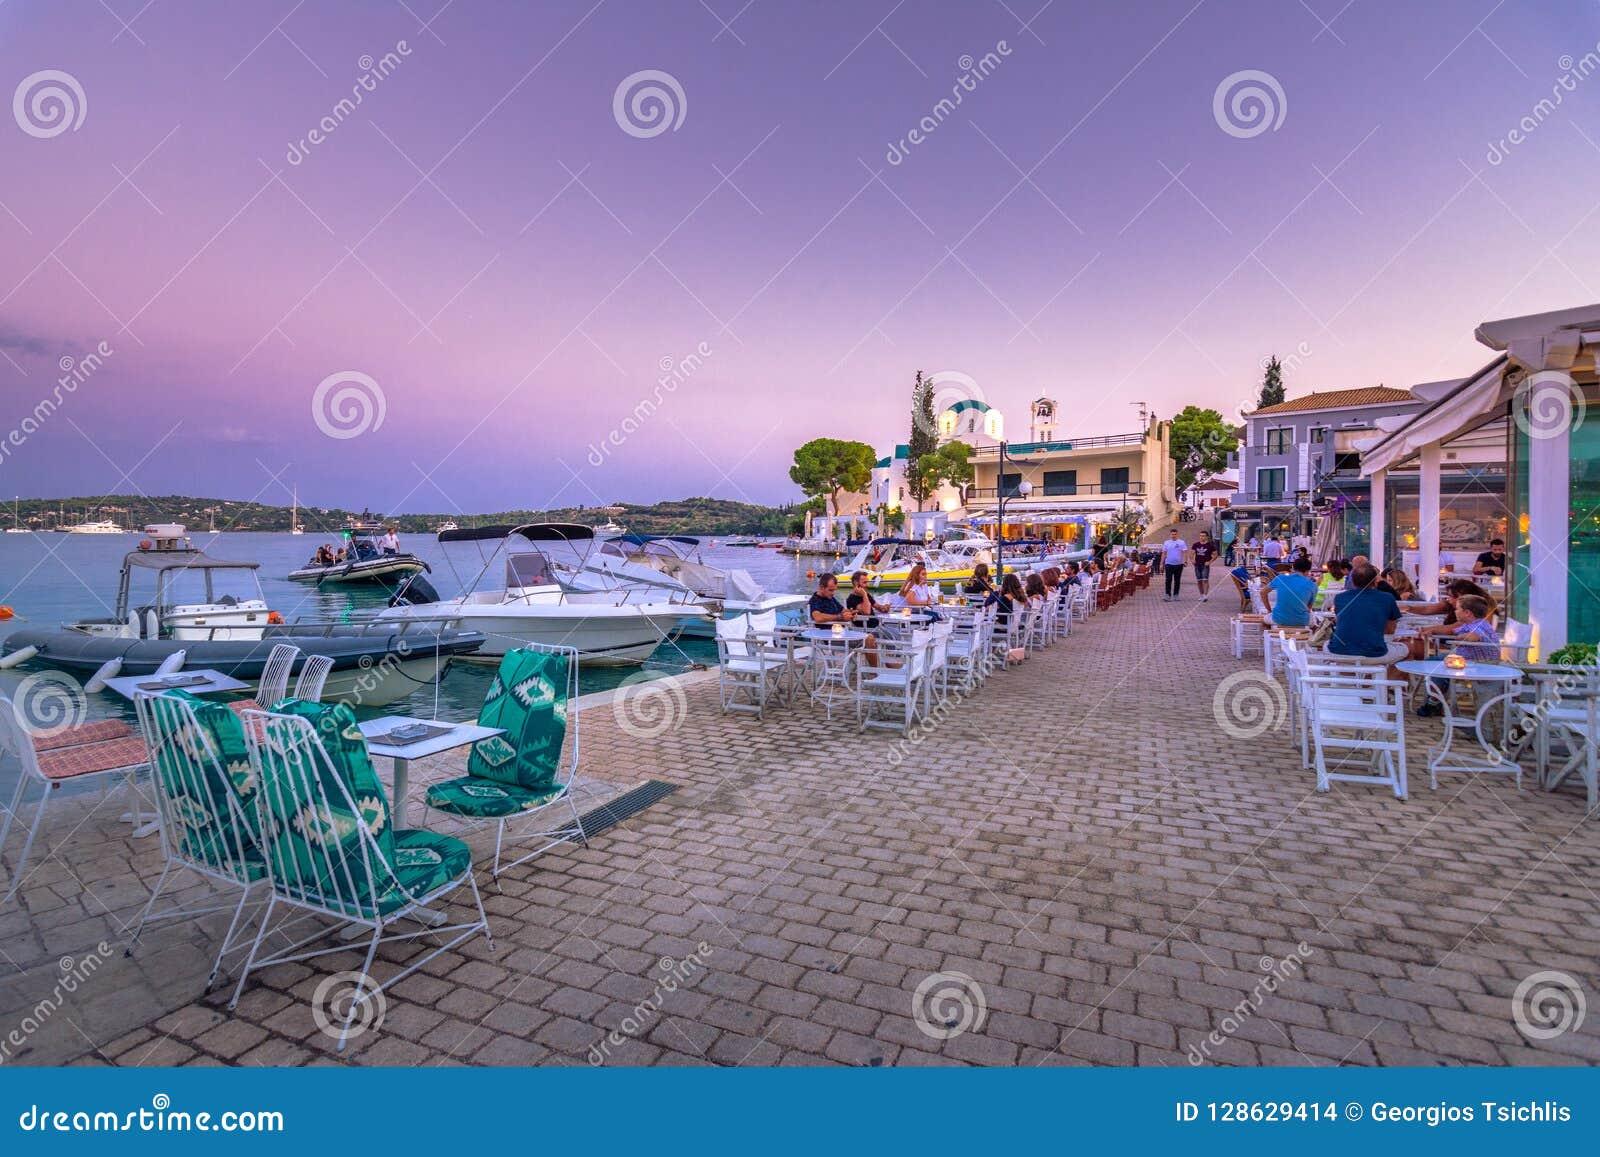 Vista de la ciudad costera pintoresca de Oporto Heli, Peloponeso